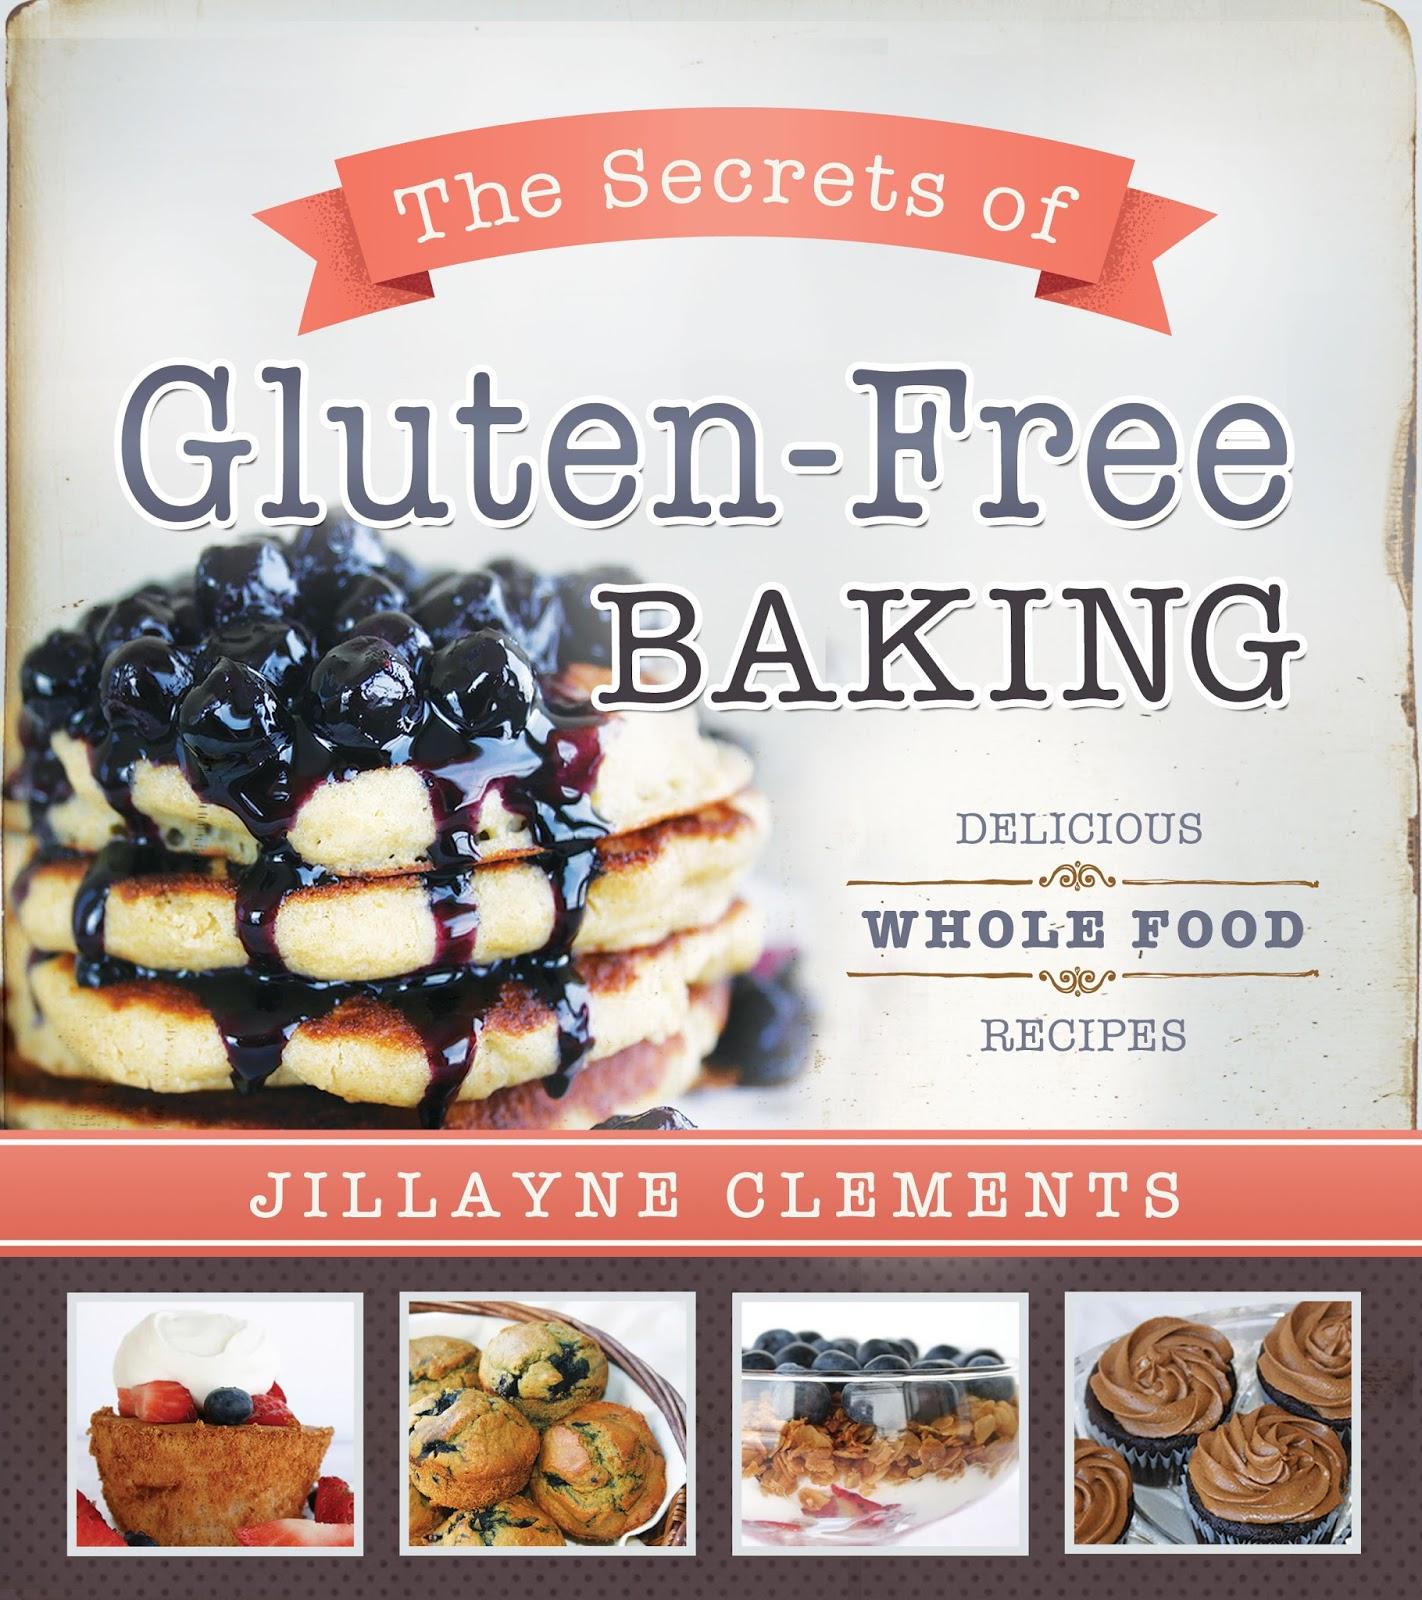 The Secrets of Gluten-free Baking